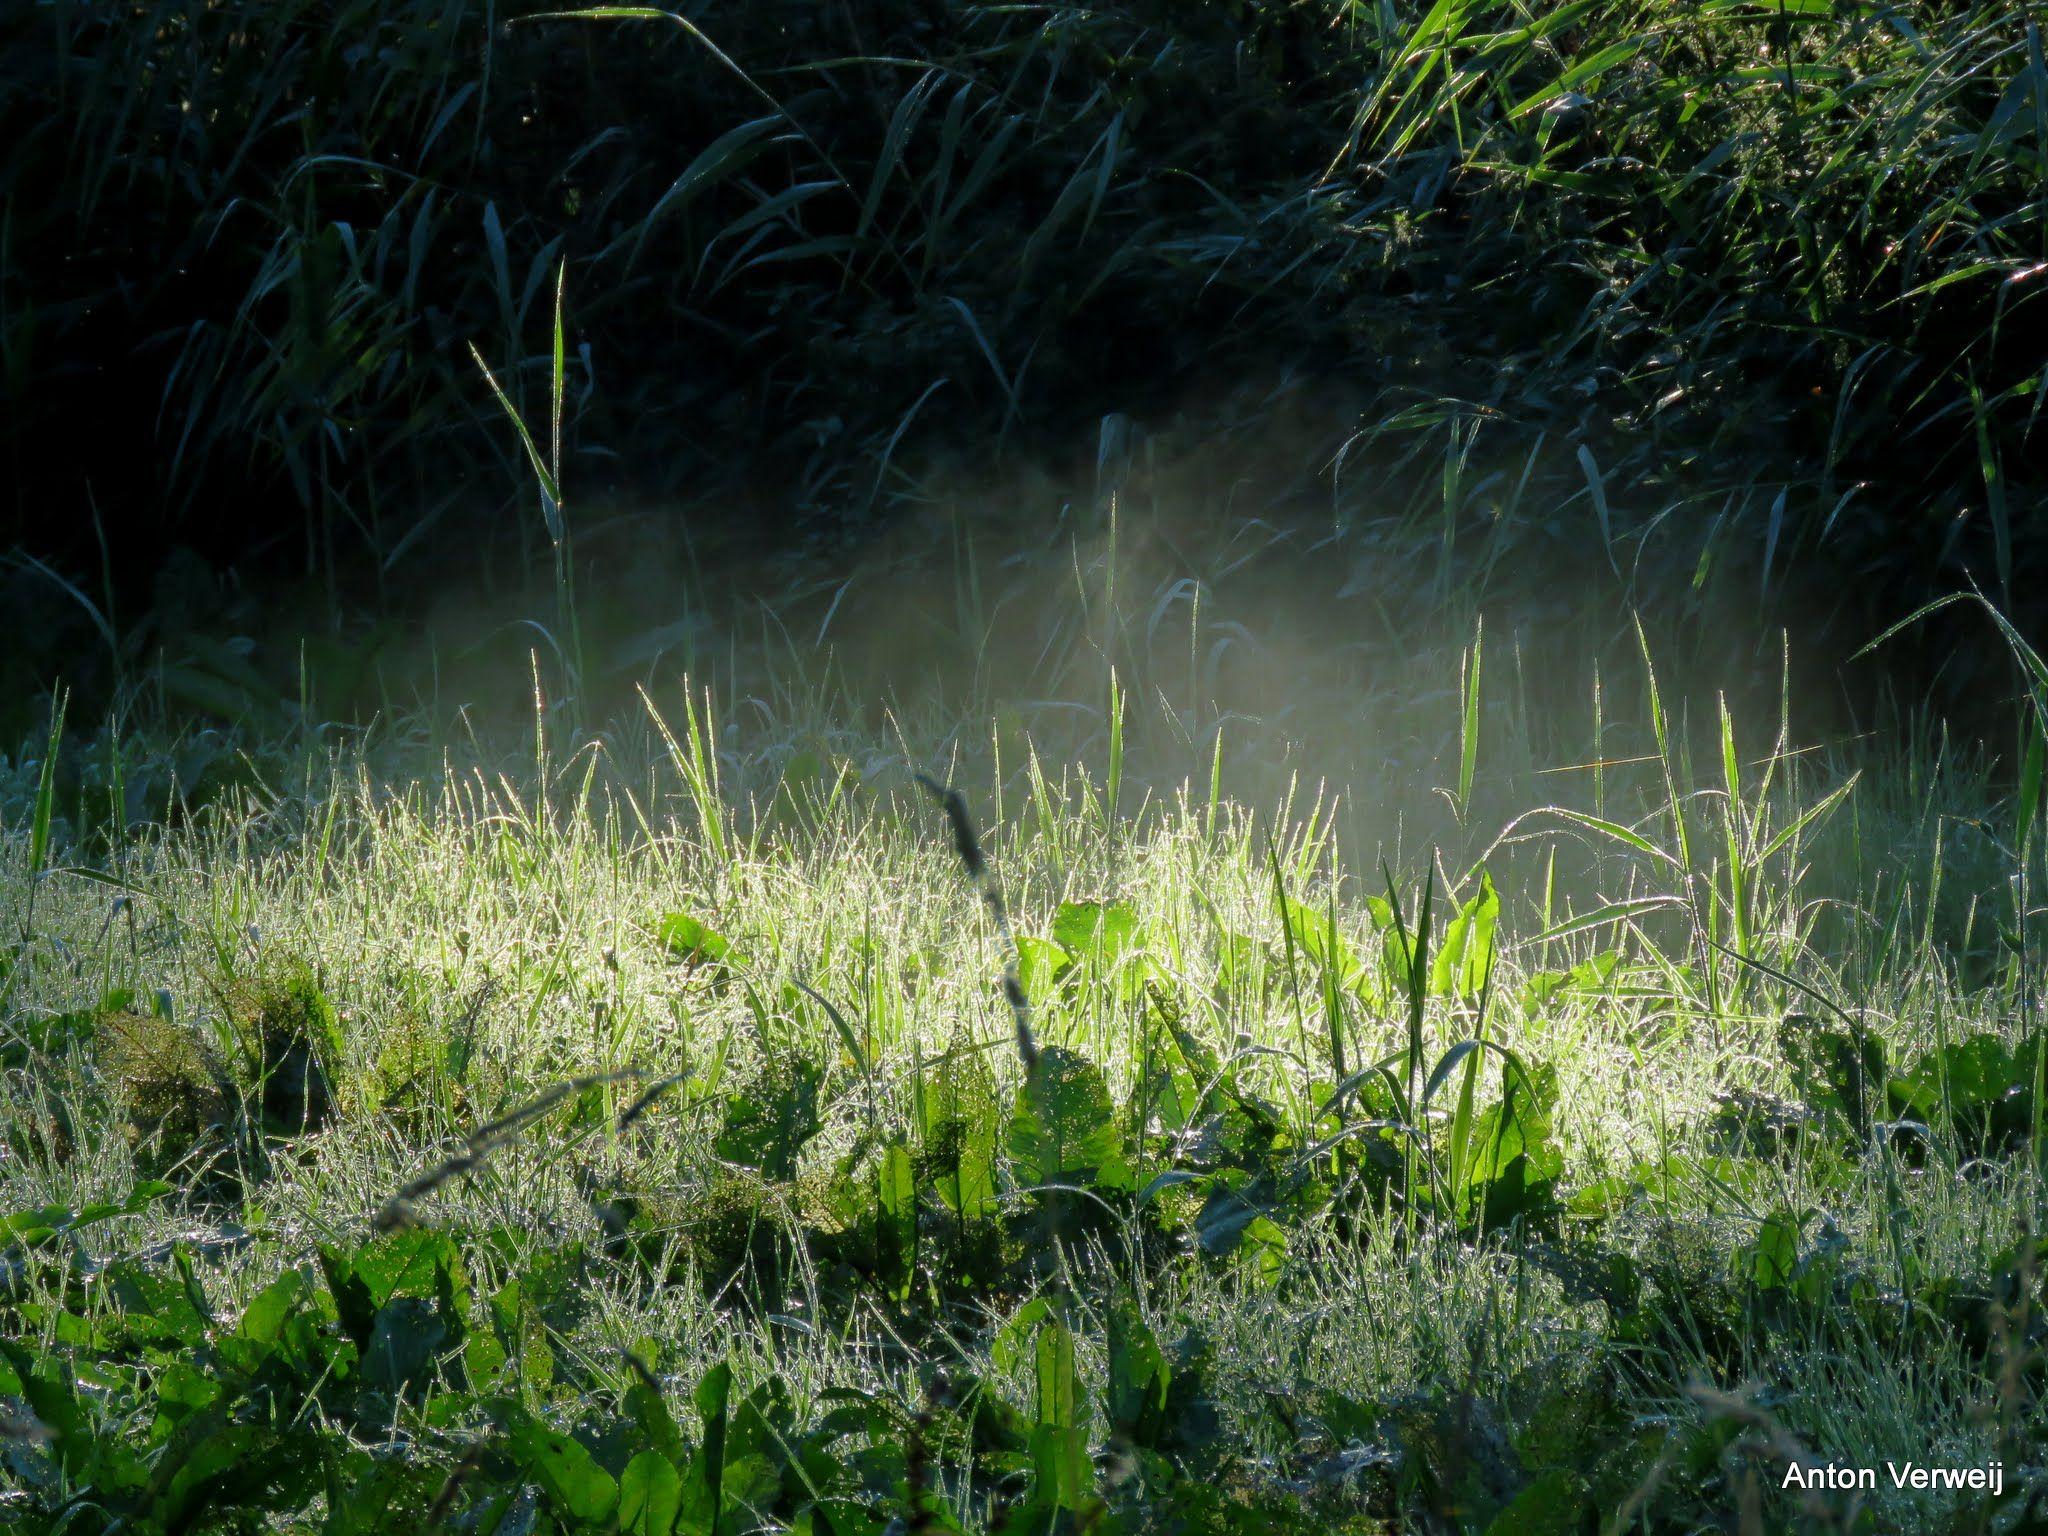 Duizend dauwdruppels morgenlicht ... http://godisindestilte.blogspot.nl/2016/08/duizend-dauwdruppels-morgenlicht.html